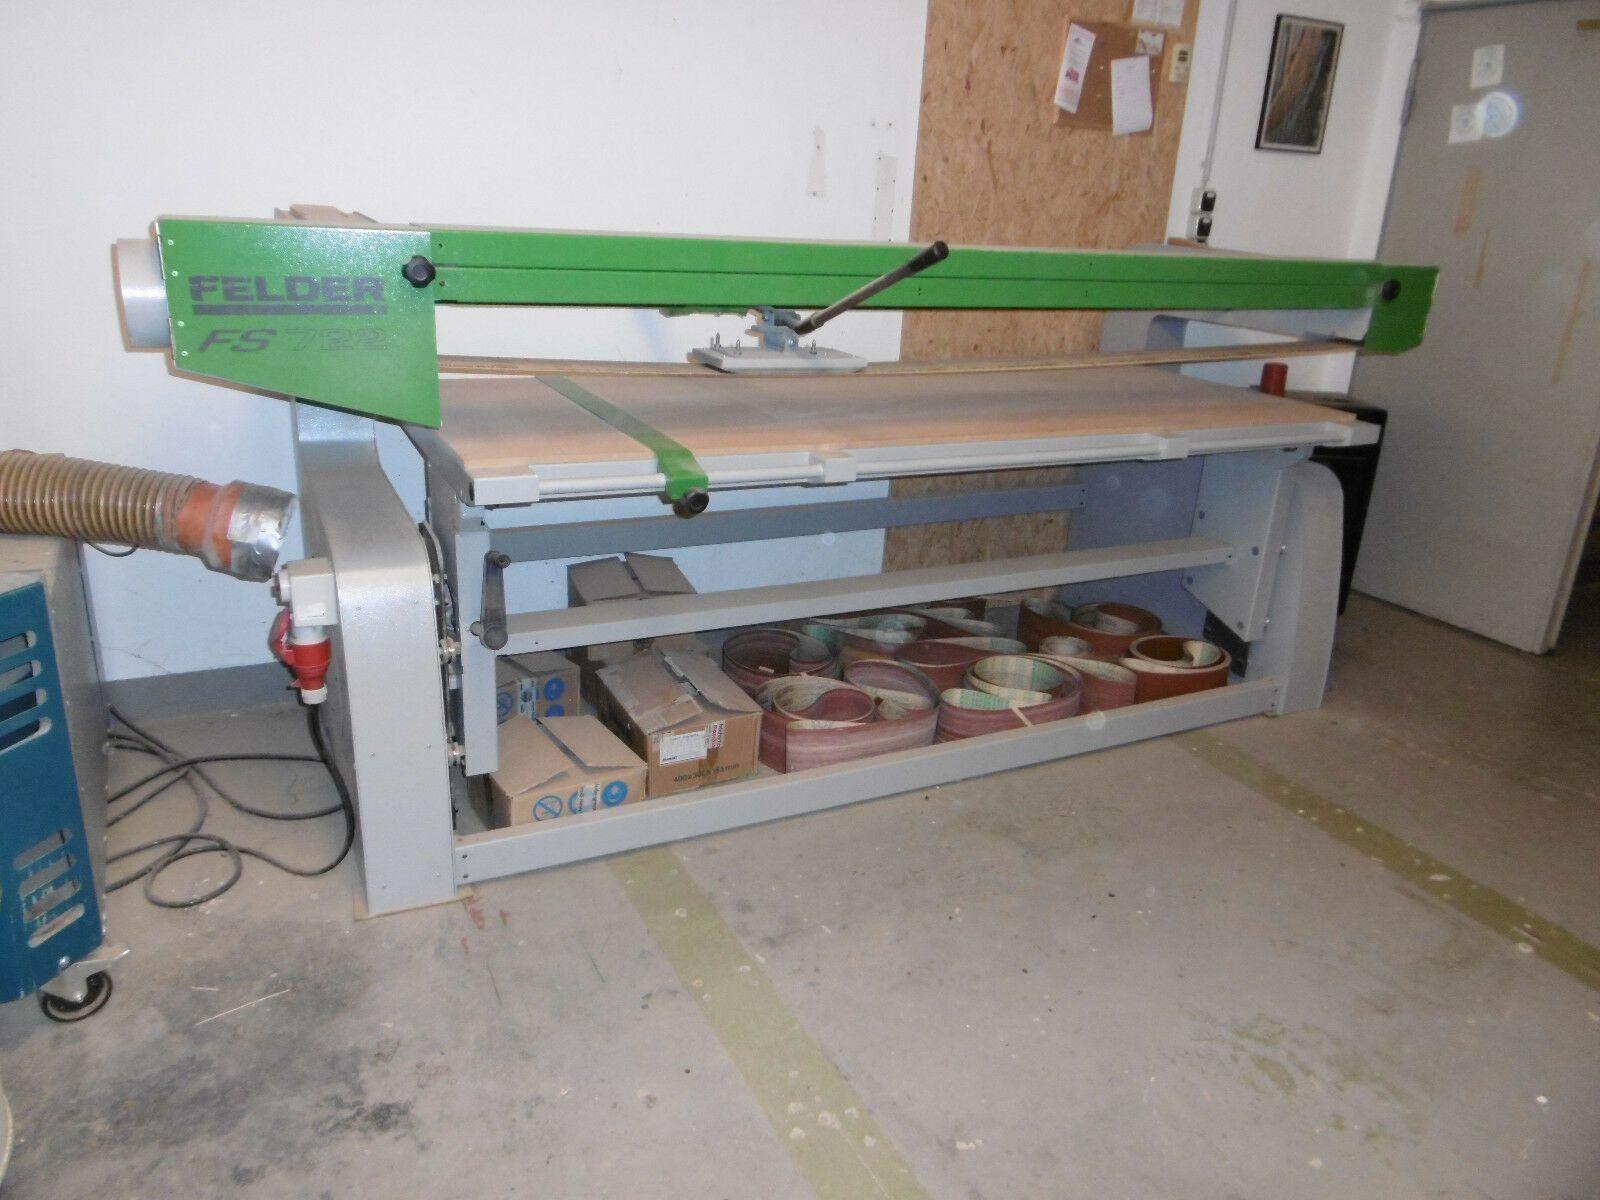 Bandschleifmaschine Felder FS 722